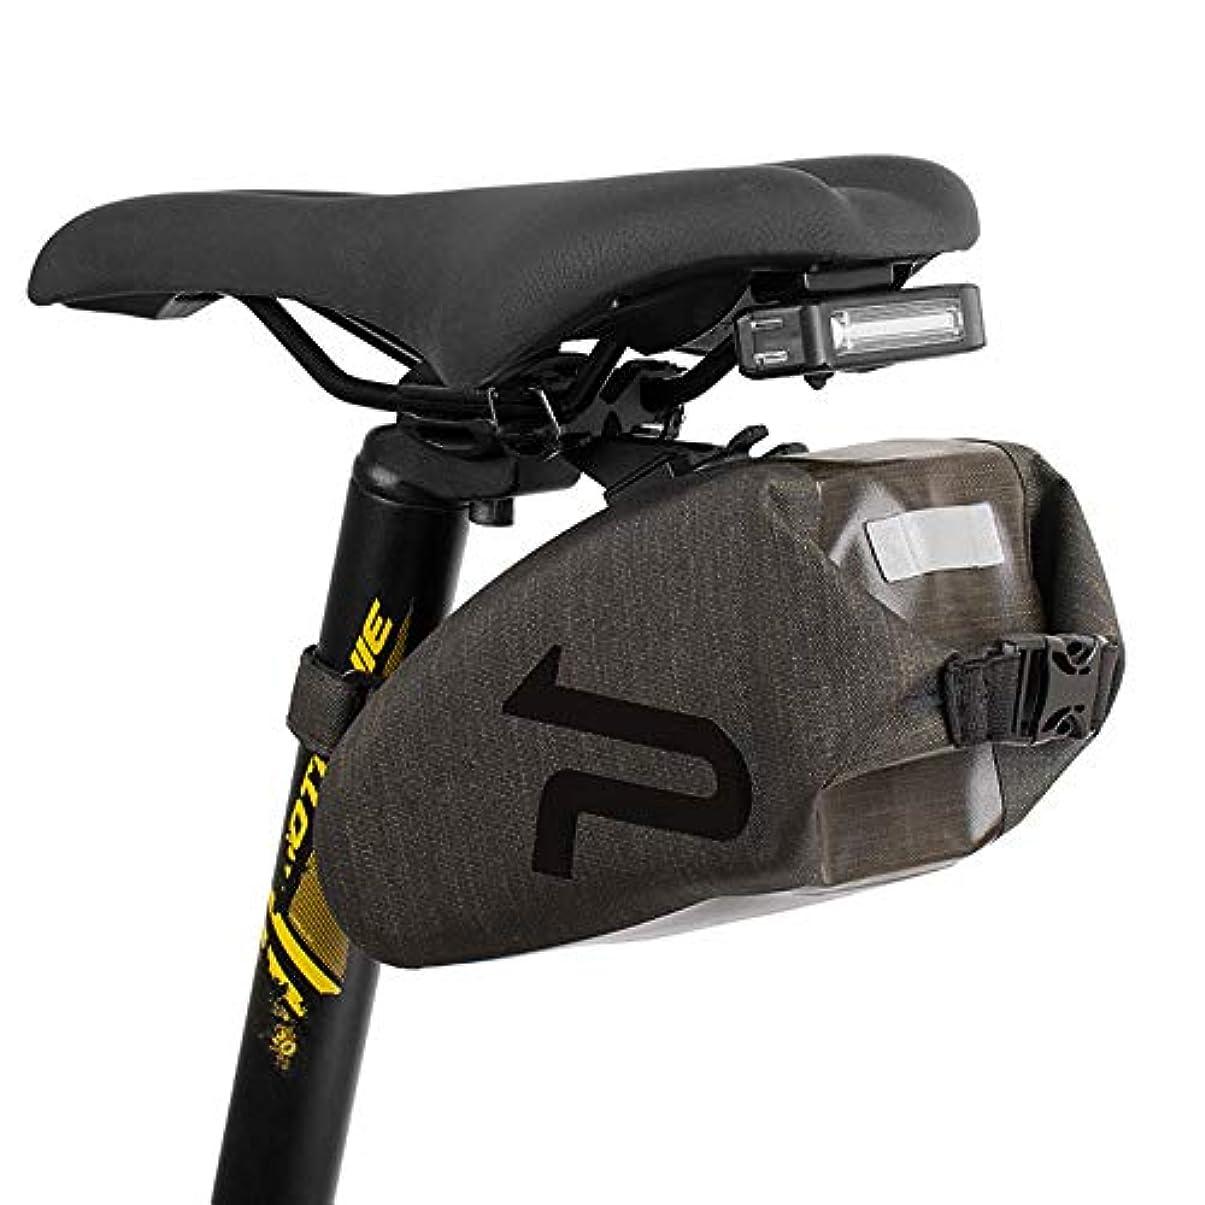 顧問脅かす薬自転車バッグ 自転車防水テールバッグ1つのハードシェルサドルバッグクッションバッグ れ付き マウンテン/ロード/MTBバイク